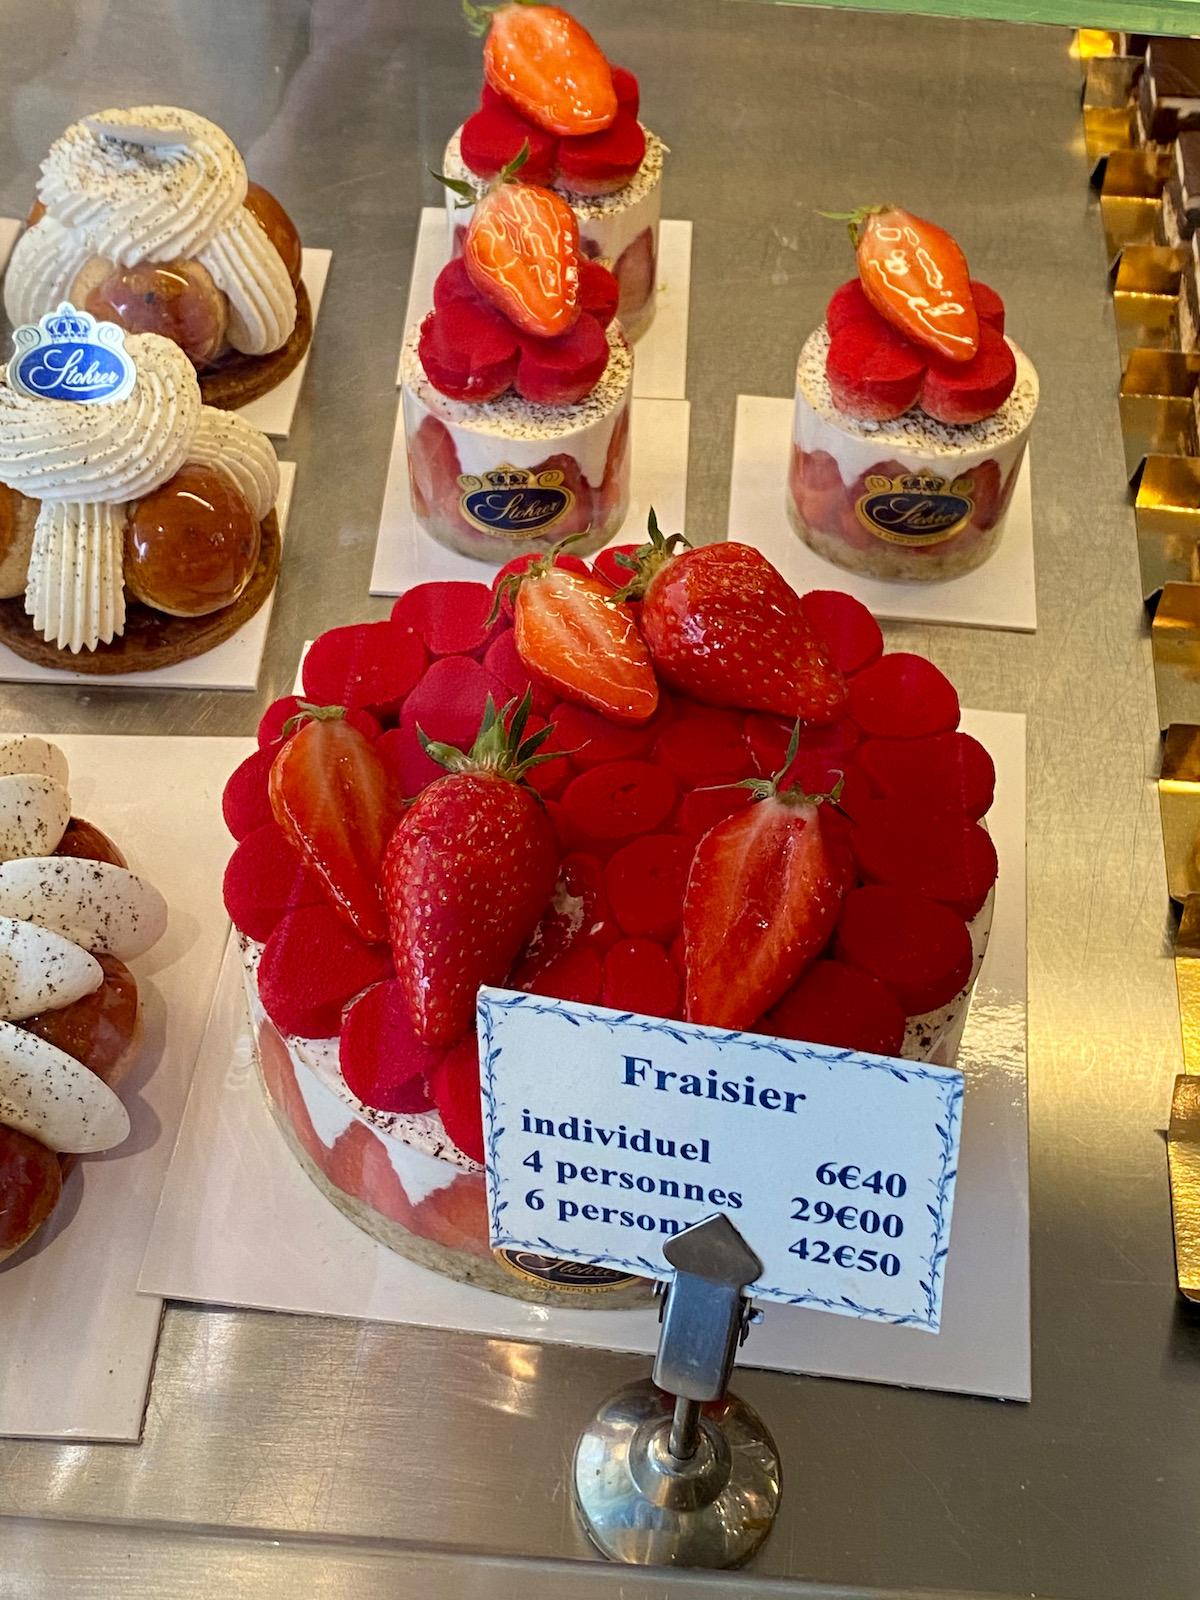 the stohrer fraisier